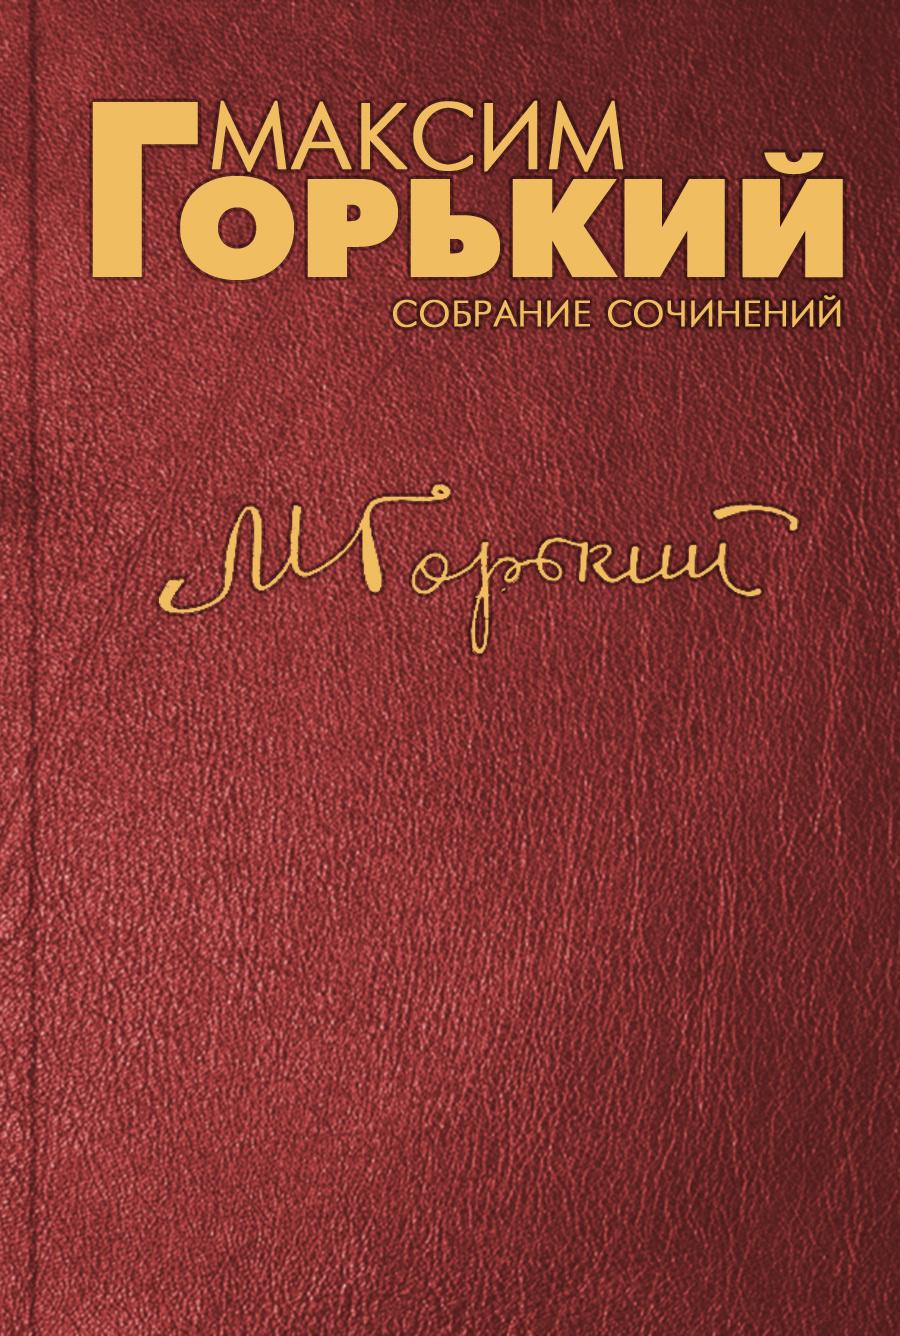 Ленинградским работницам и крестьянкам